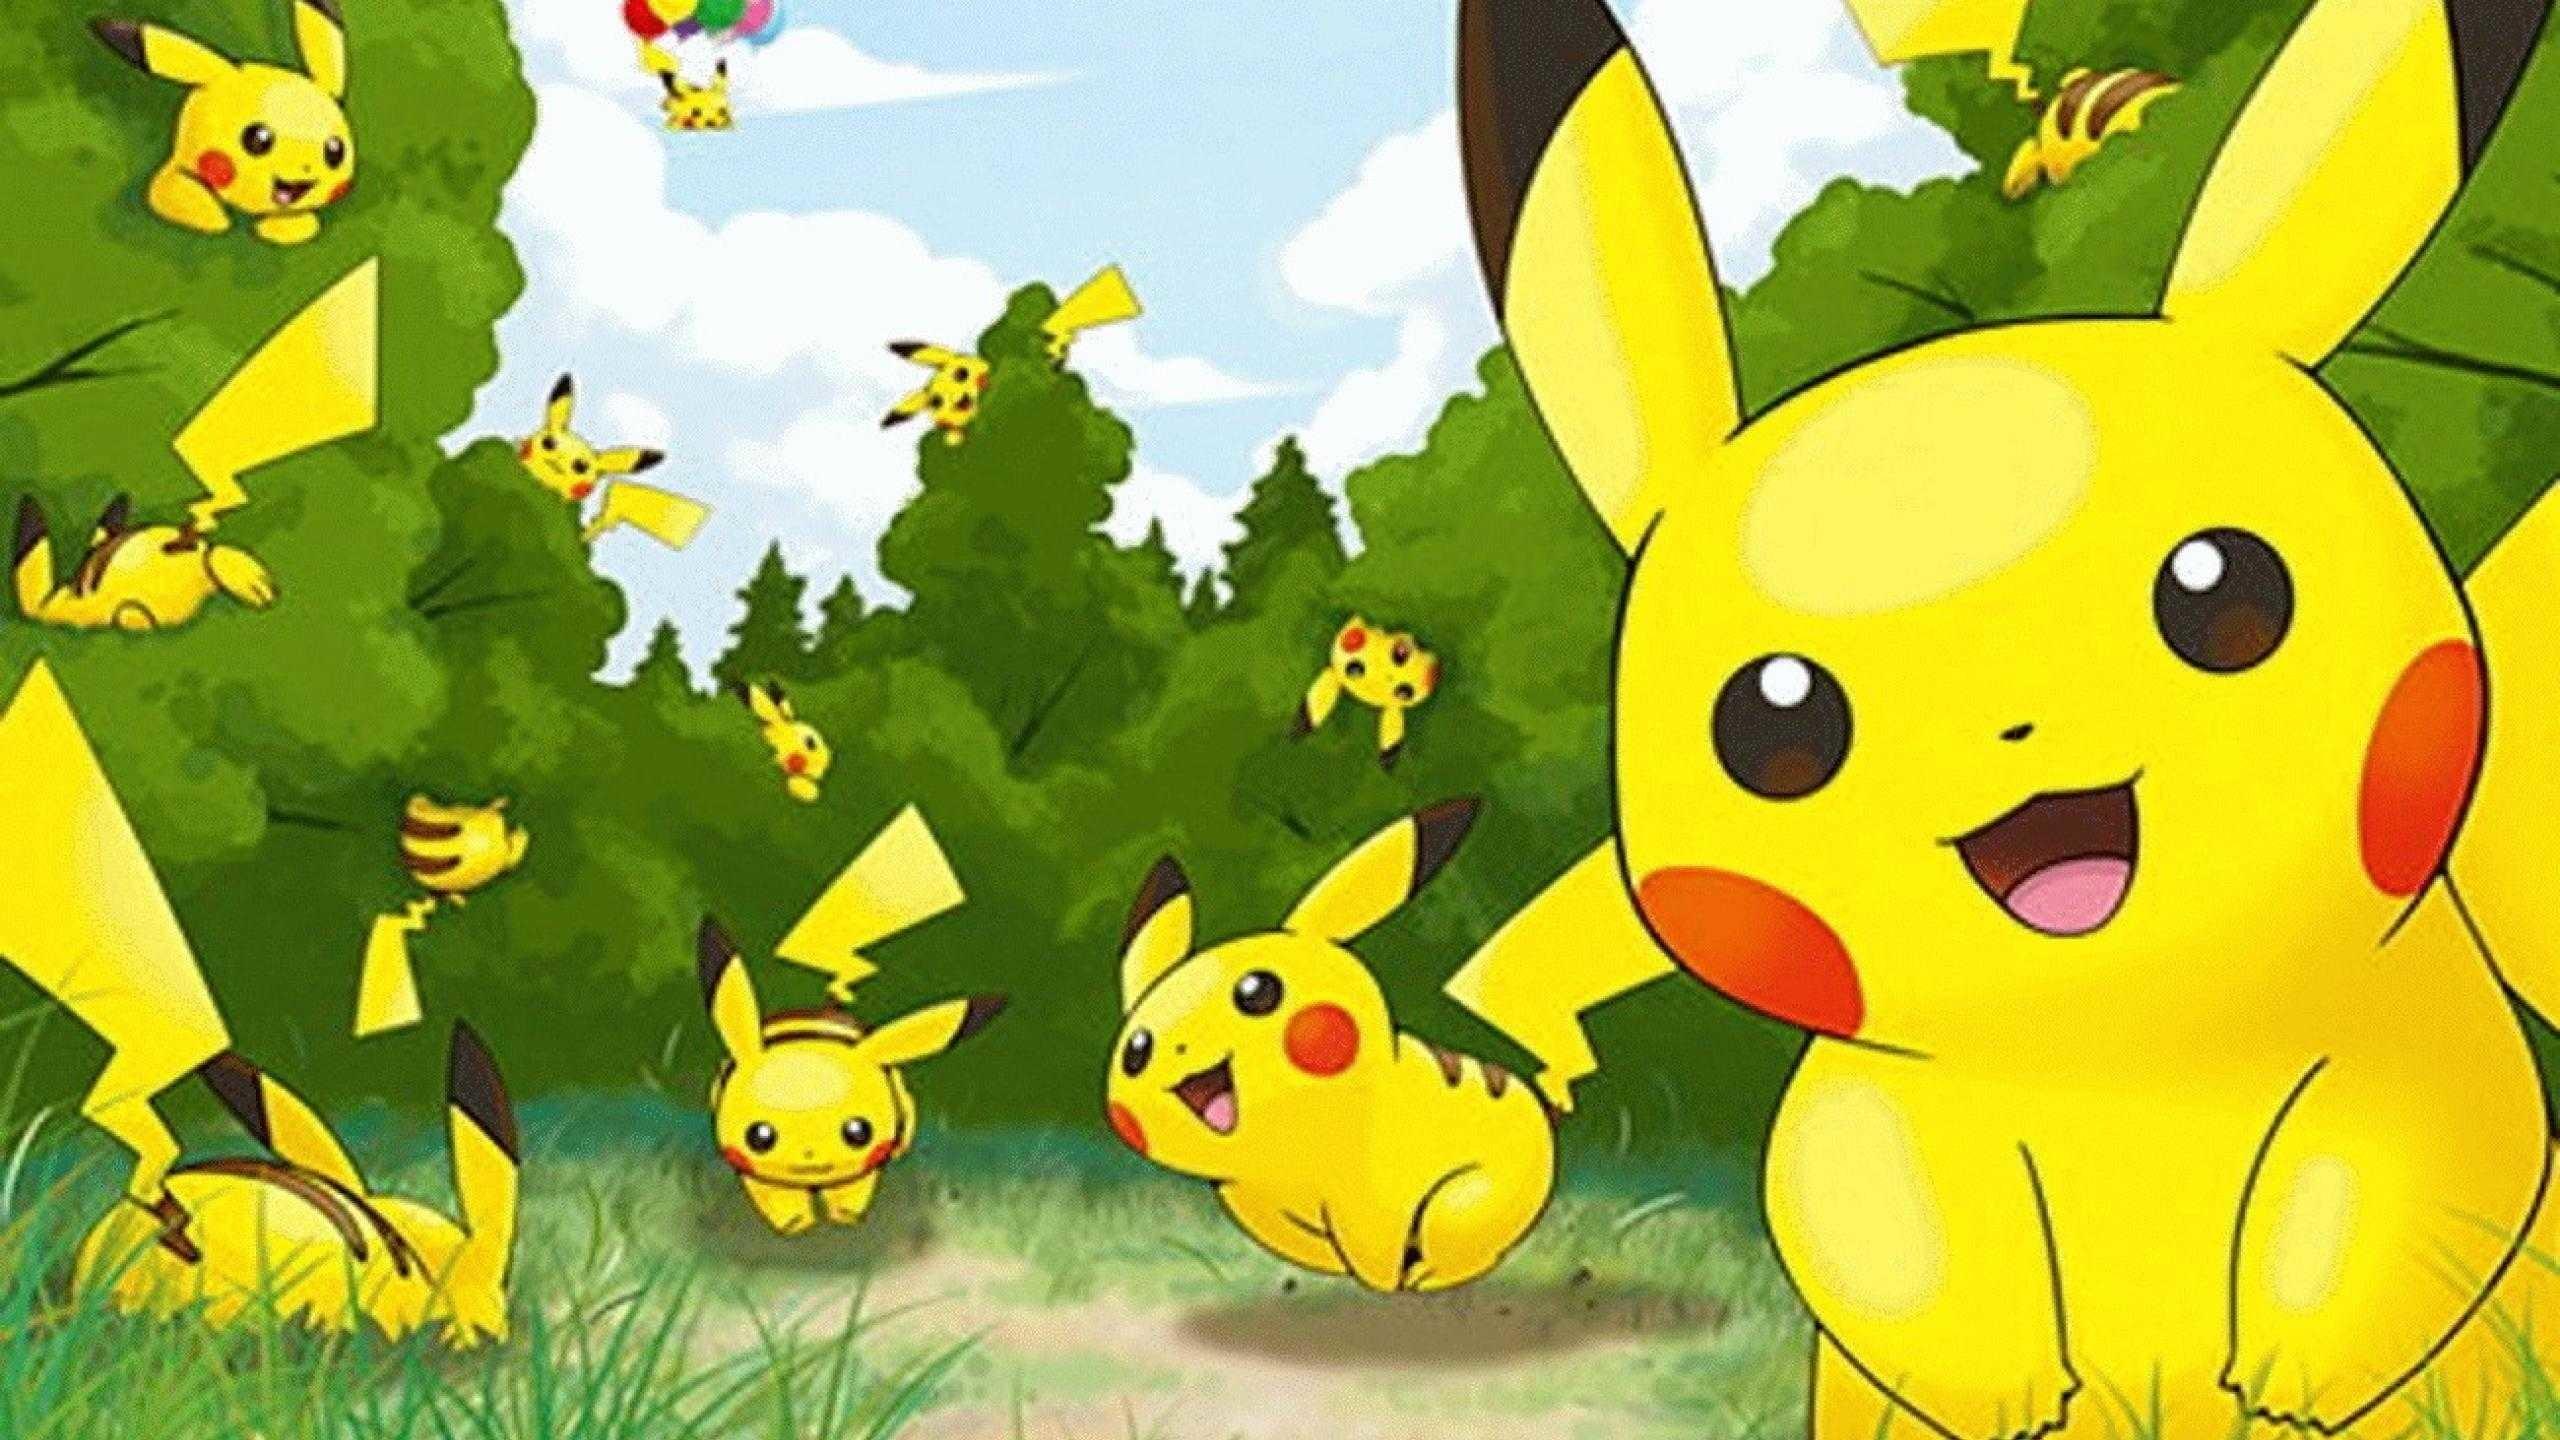 pokemon wallpaper hd pikachu